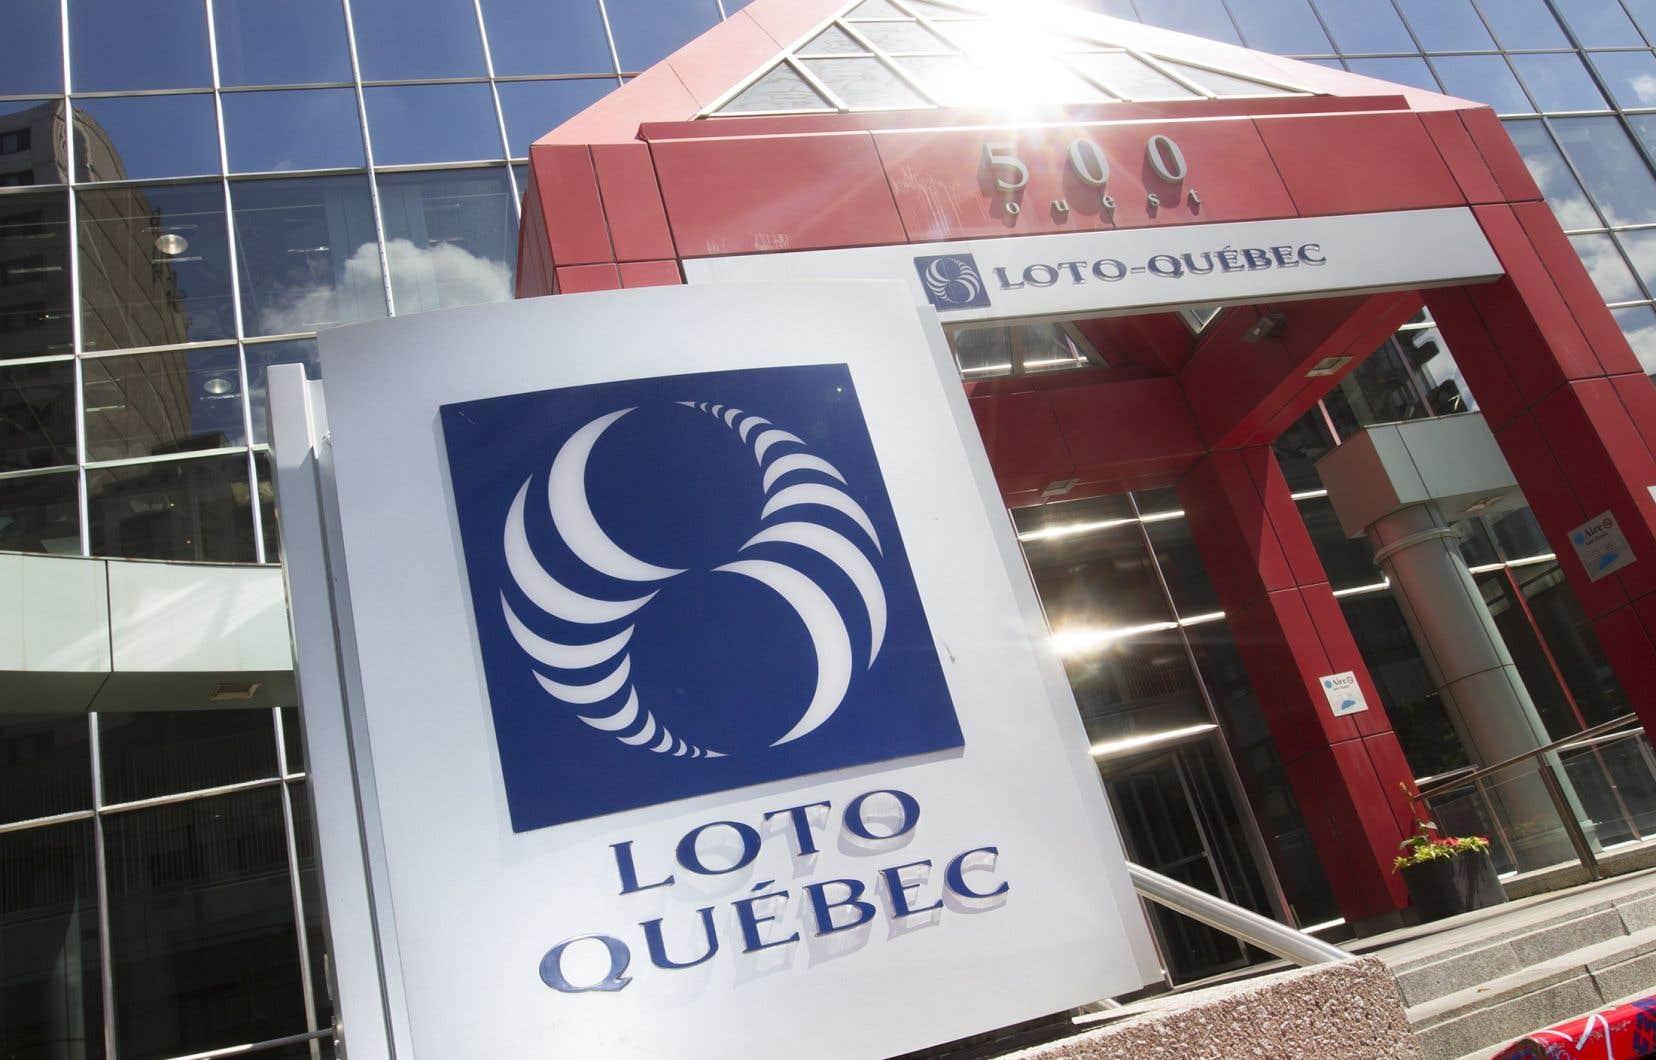 Les dépenses de Loto-Québecont baissé de 25,5%, passant de 903,6millions à 673,5millions.